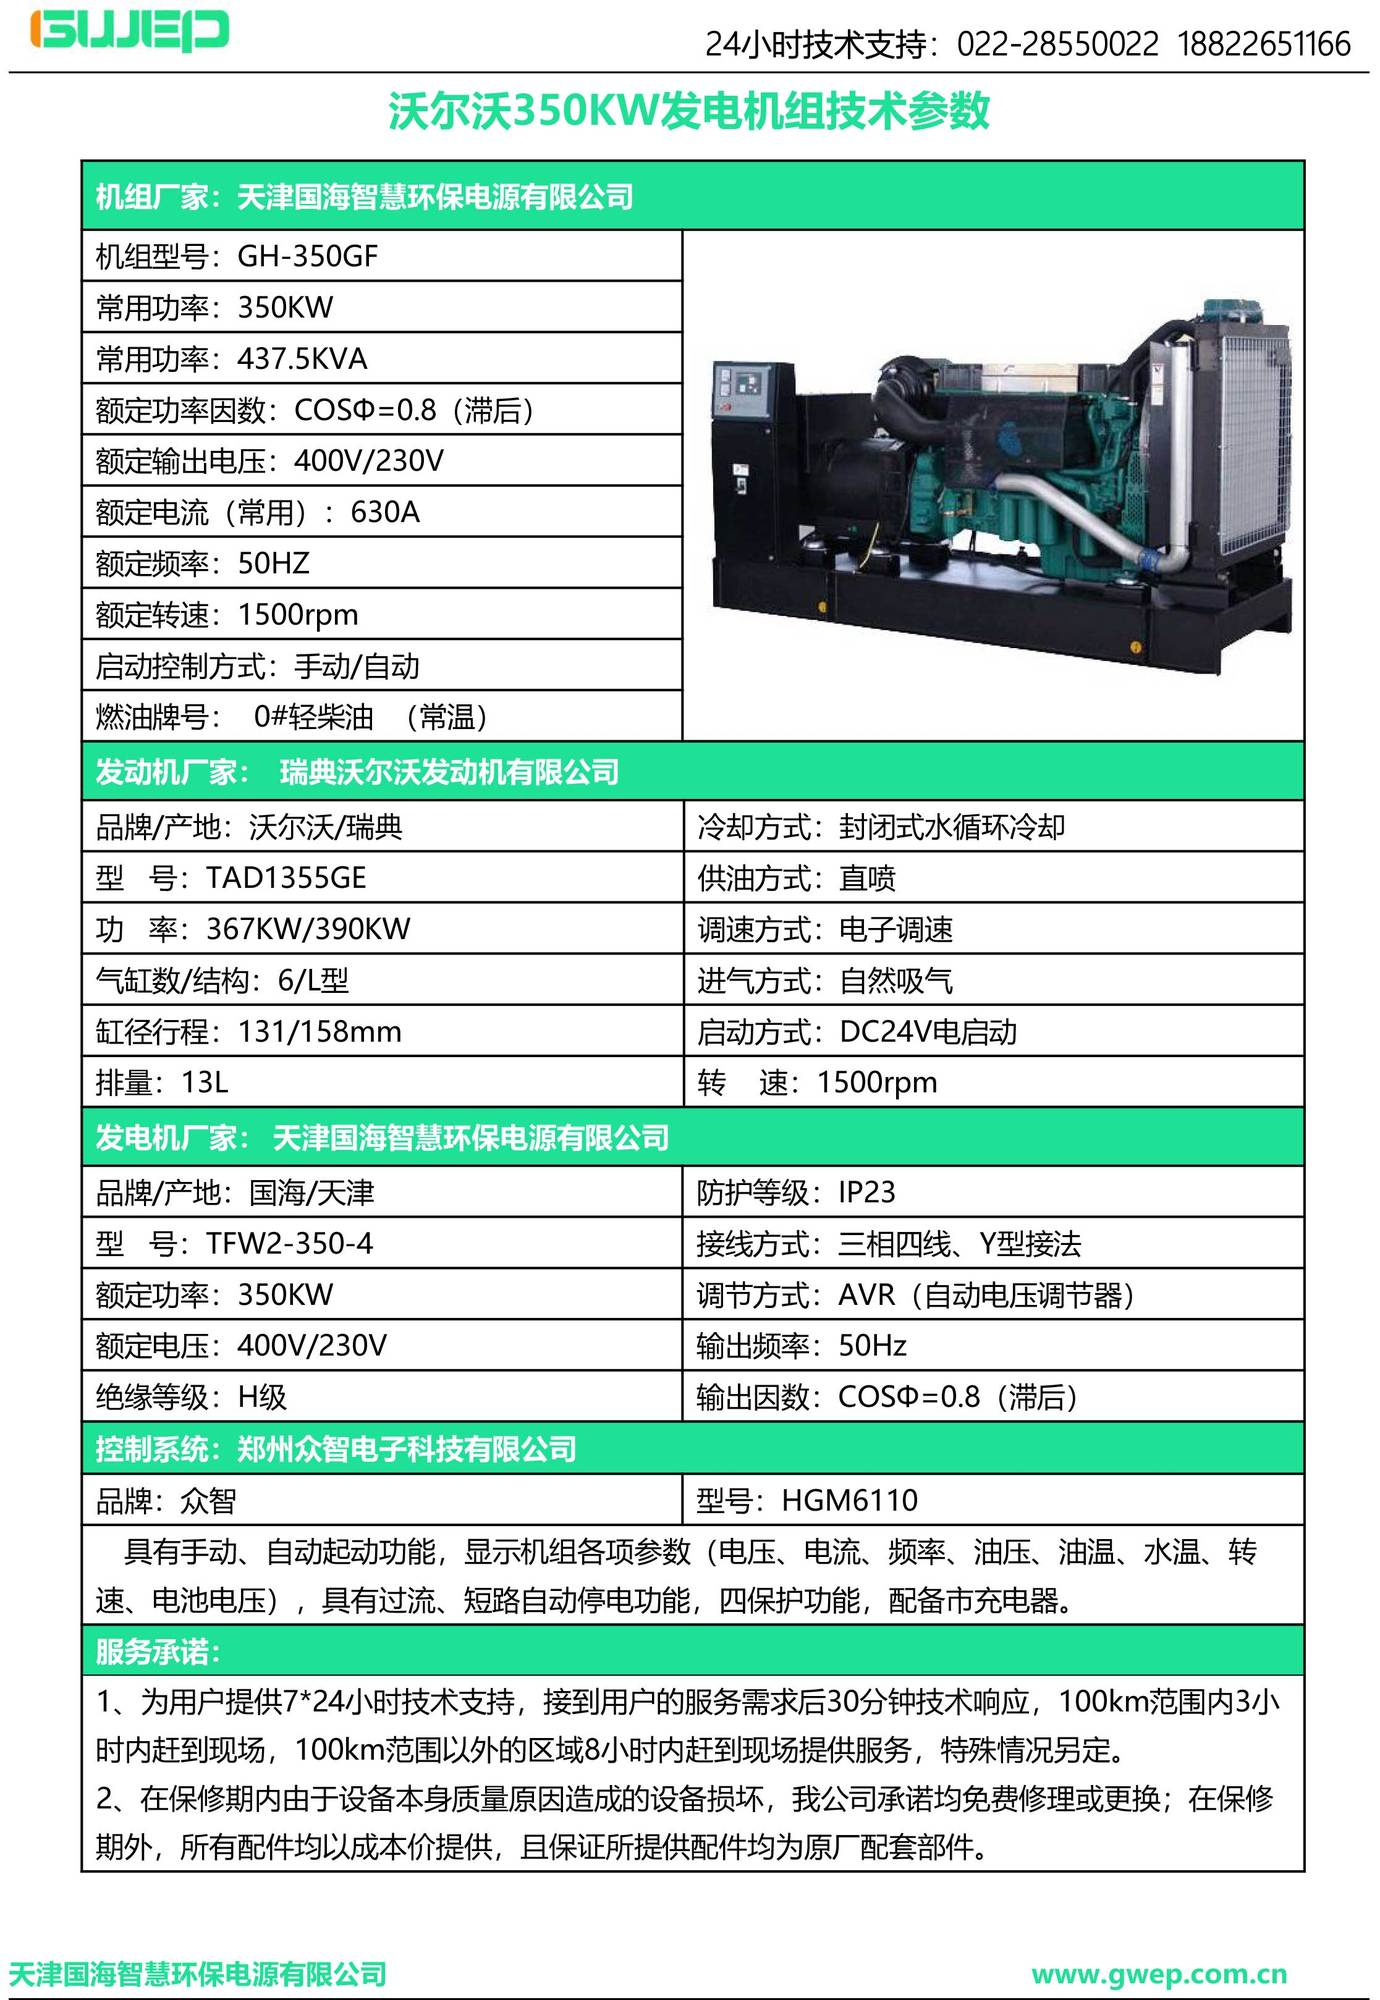 沃尔沃350KW发电机组技术资料-2.jpg